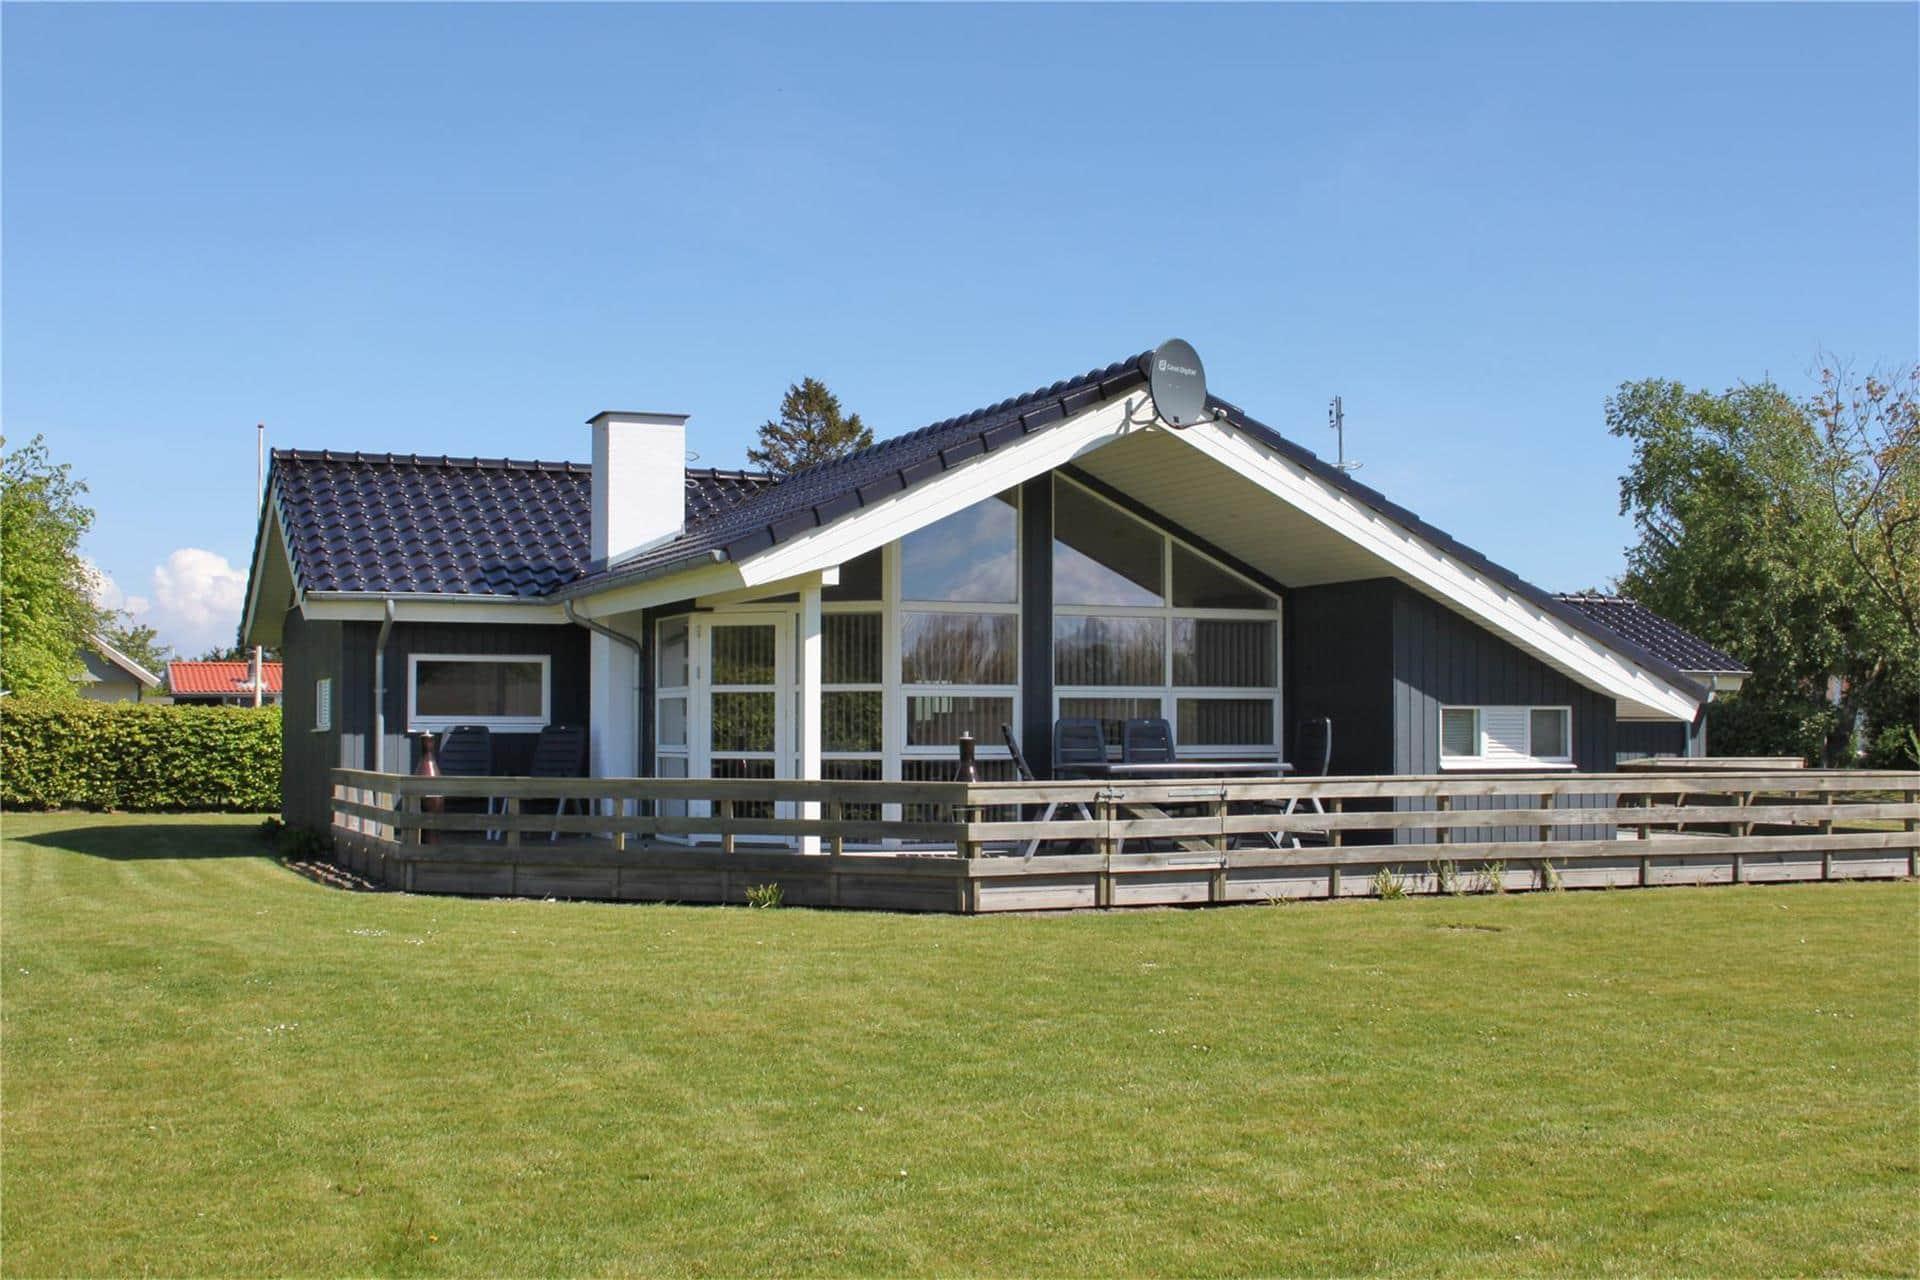 Bild 1-3 Ferienhaus M64287, Engvejen 28, DK - 5466 Asperup